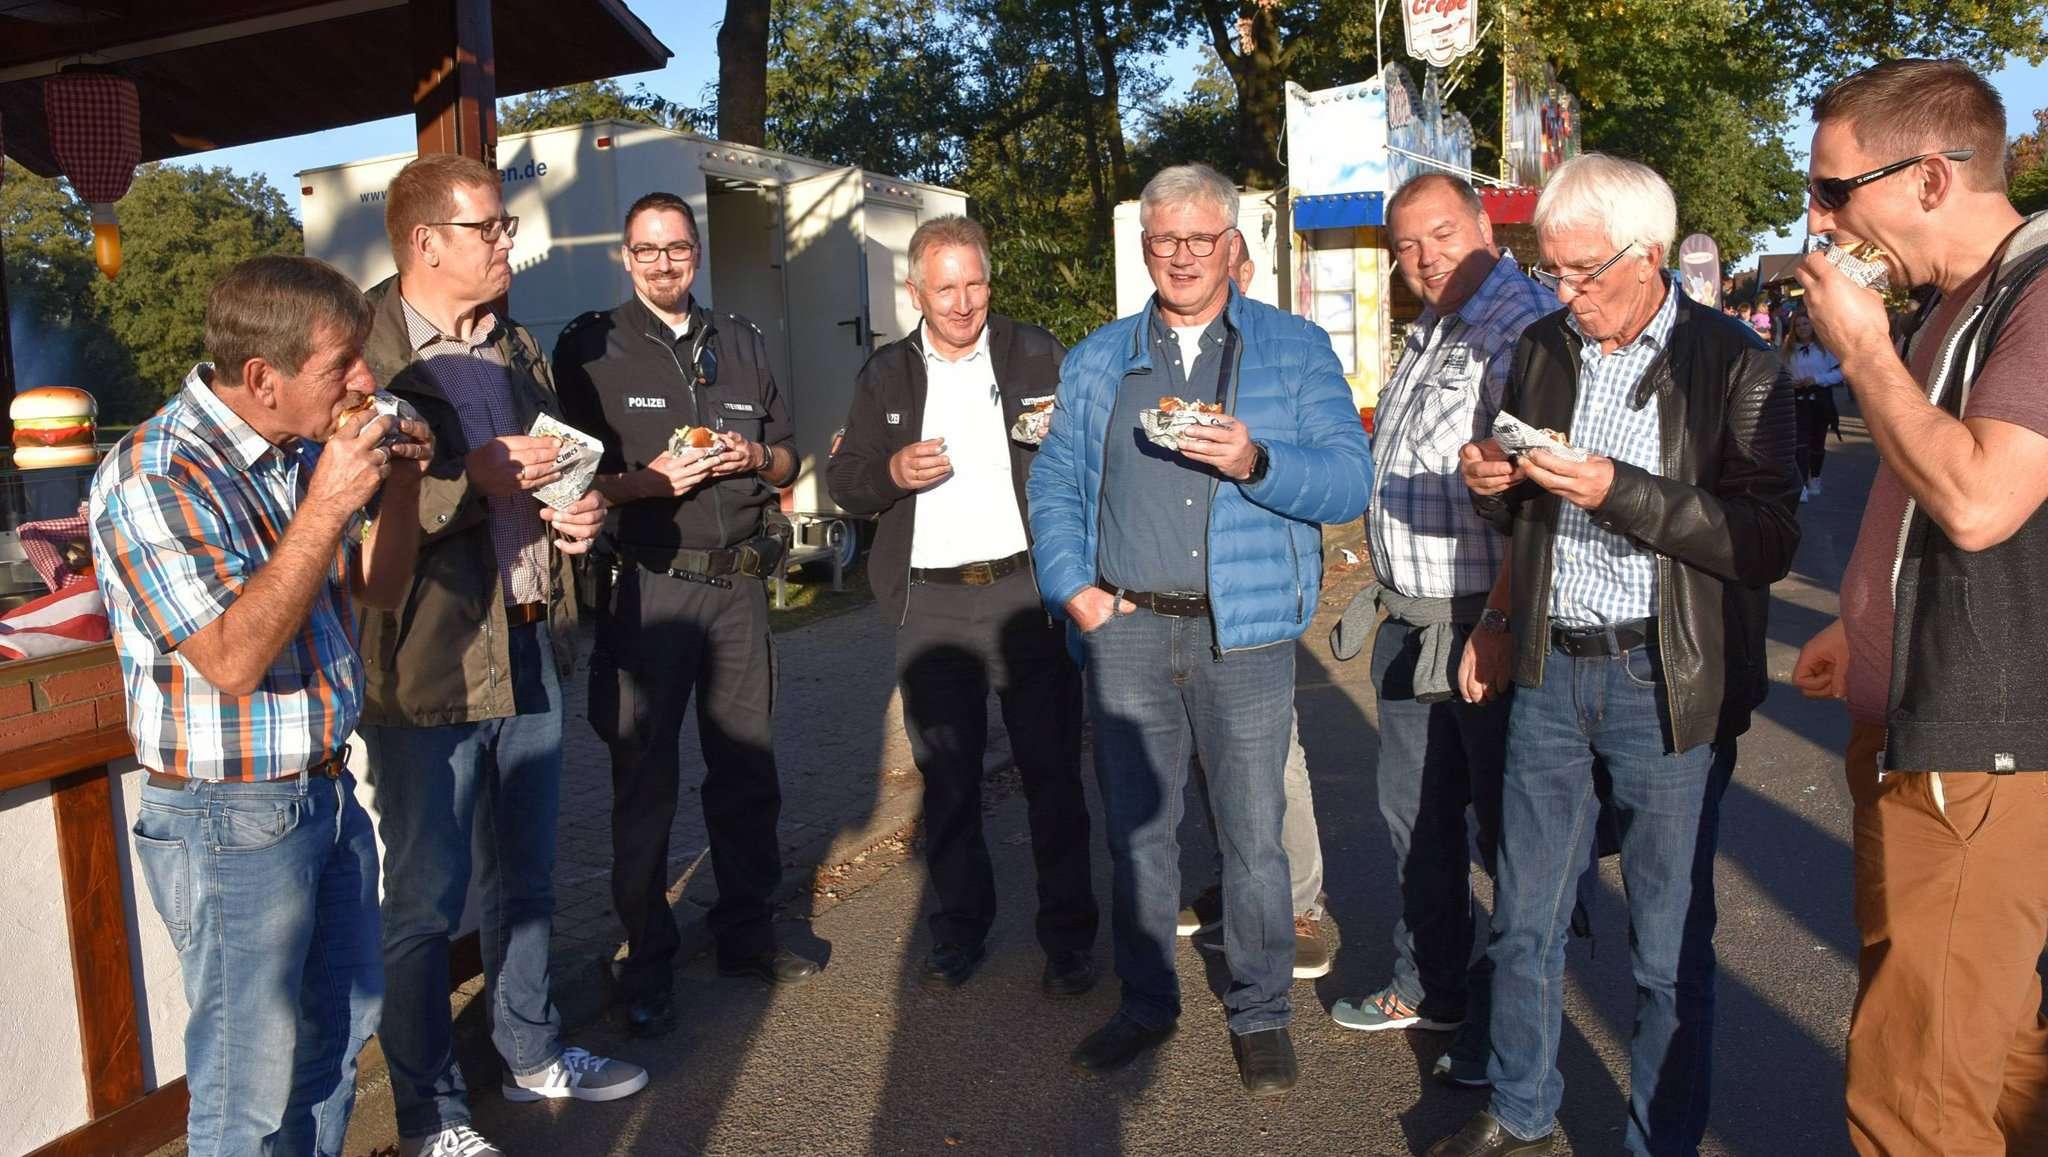 Die offizielle Delegation ließ sich beim Marktrundgang einen herzhaften Burger schmecken. Fotos: Heidrun Meyer